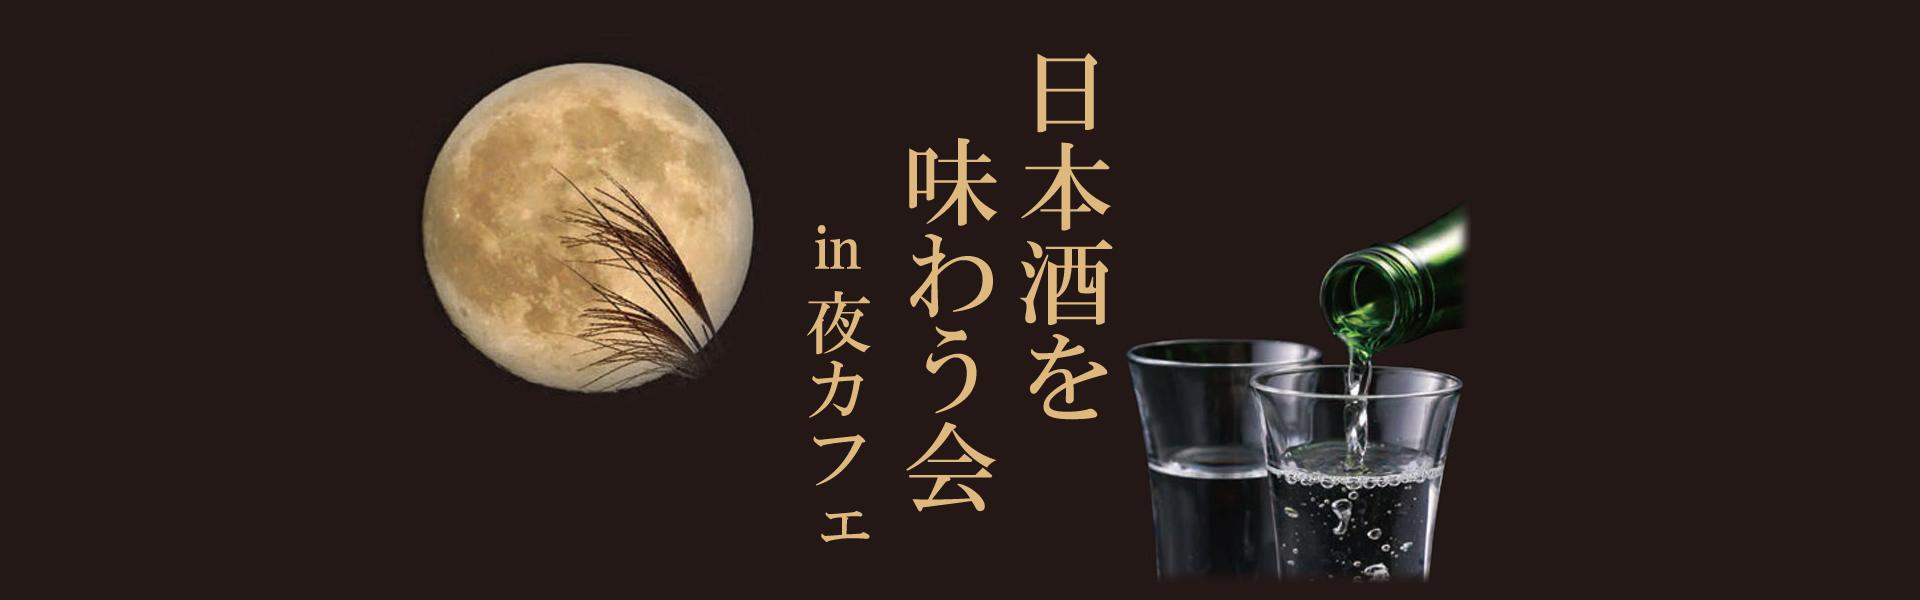 日本酒を味わう会 in 夜カフェ